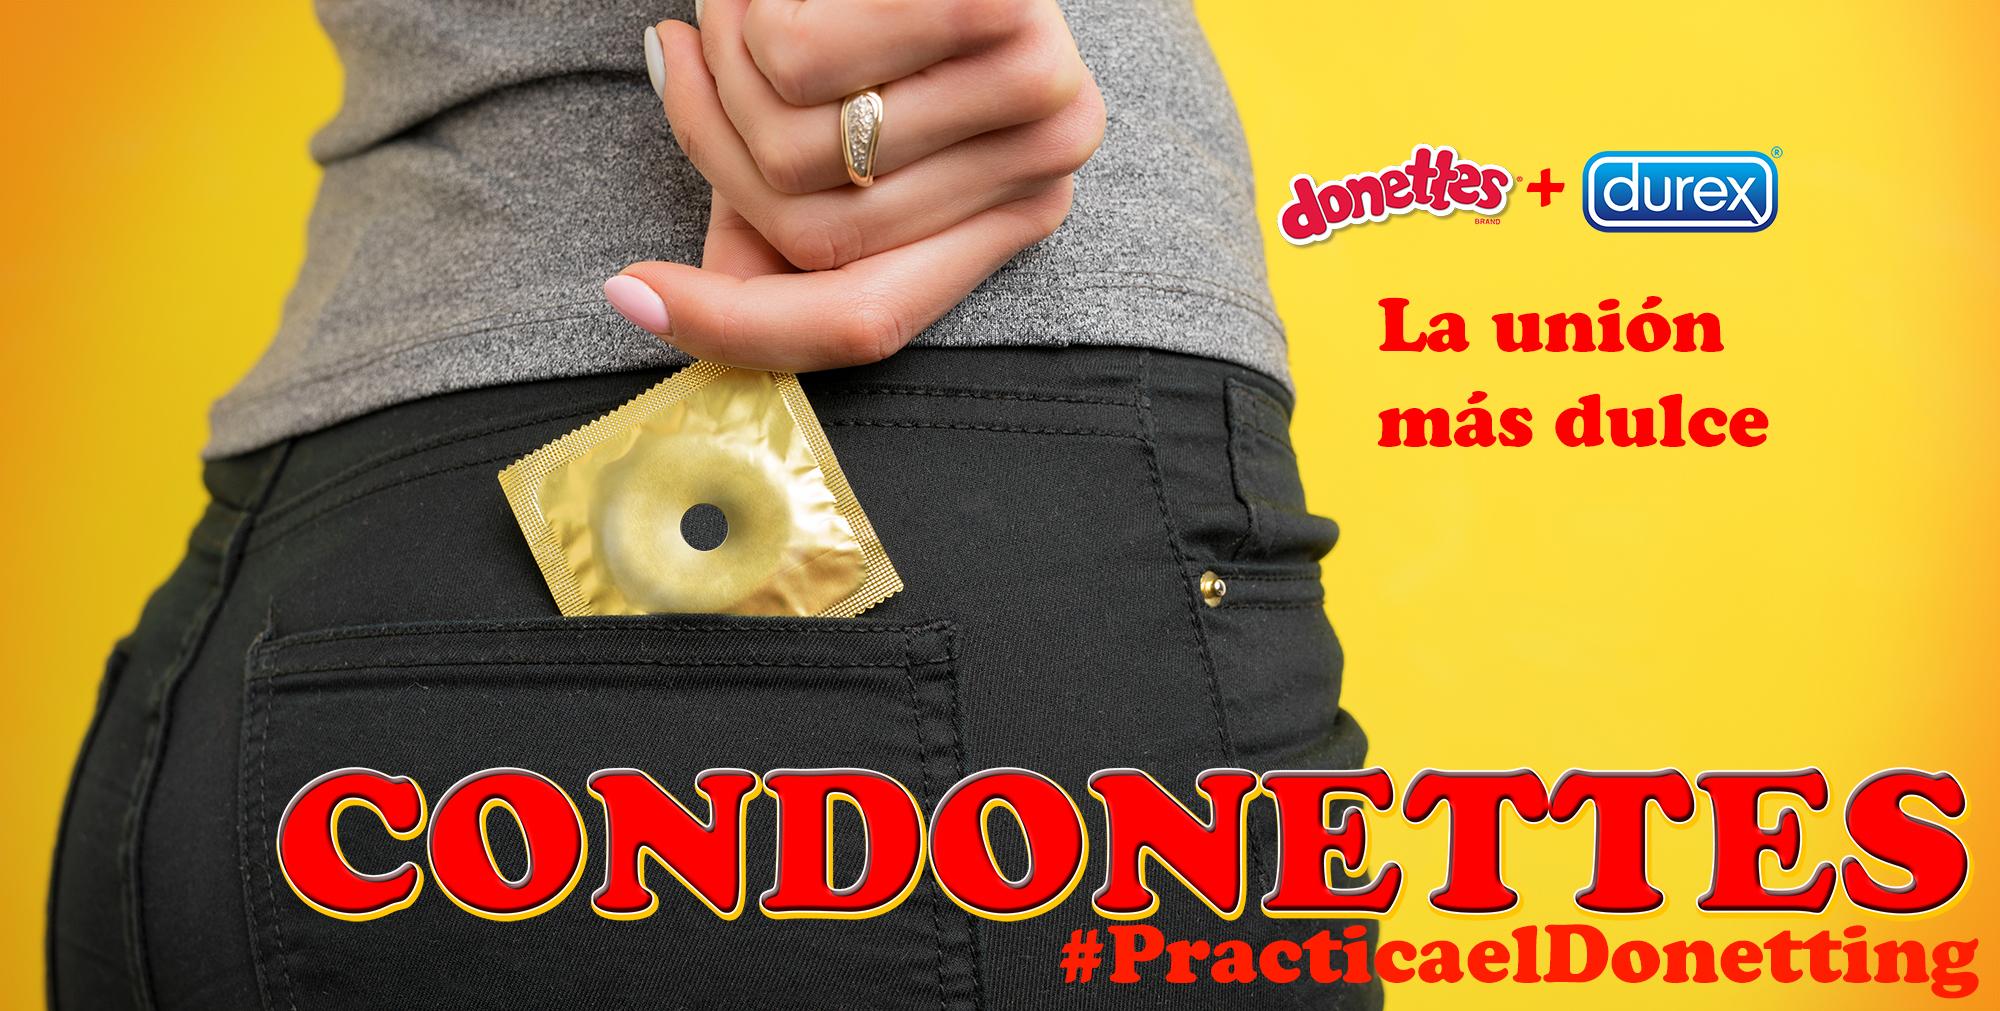 Durex presenta los Condonettes sabor chocolate y con agujero en medio